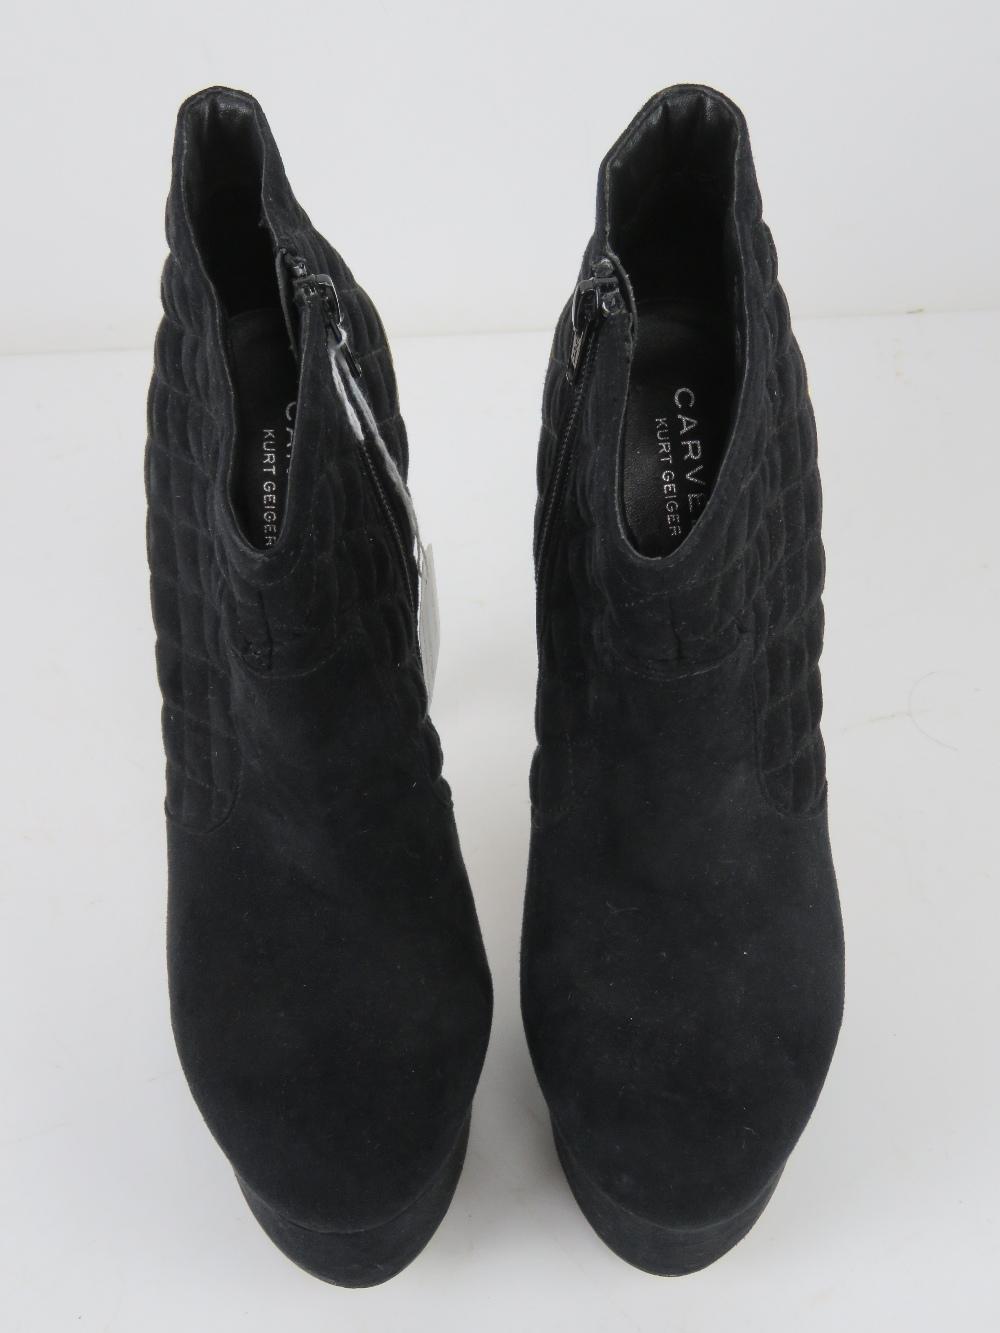 A pair of black velvet platform ankle bo - Image 2 of 5